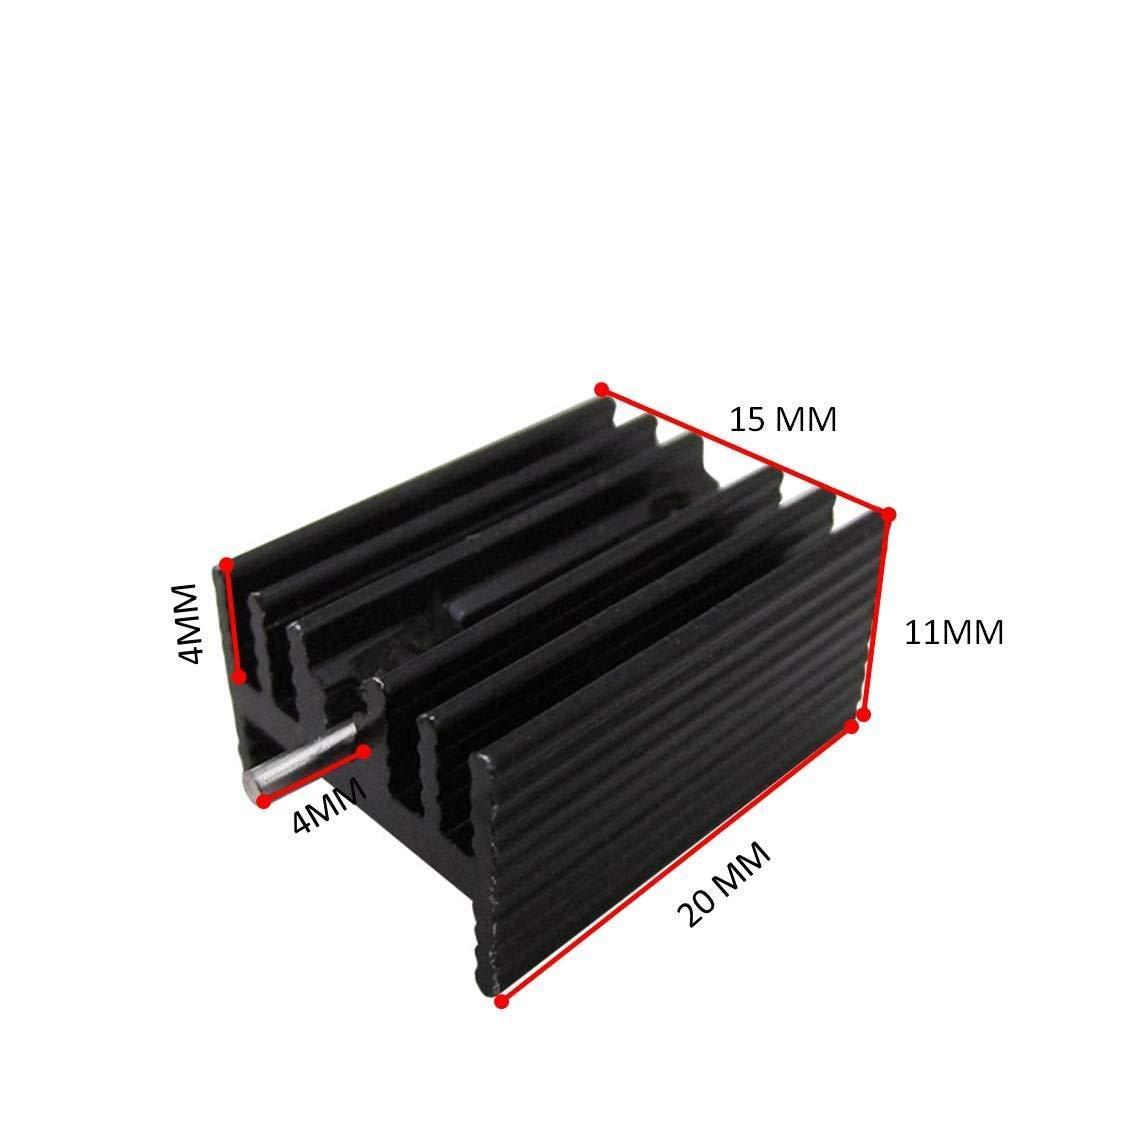 Mosfet transistor Easycargo 5-pack TO/_220 Argent Dissipateur Montage Kit pour Lm78xxx r/égulation tension LM317